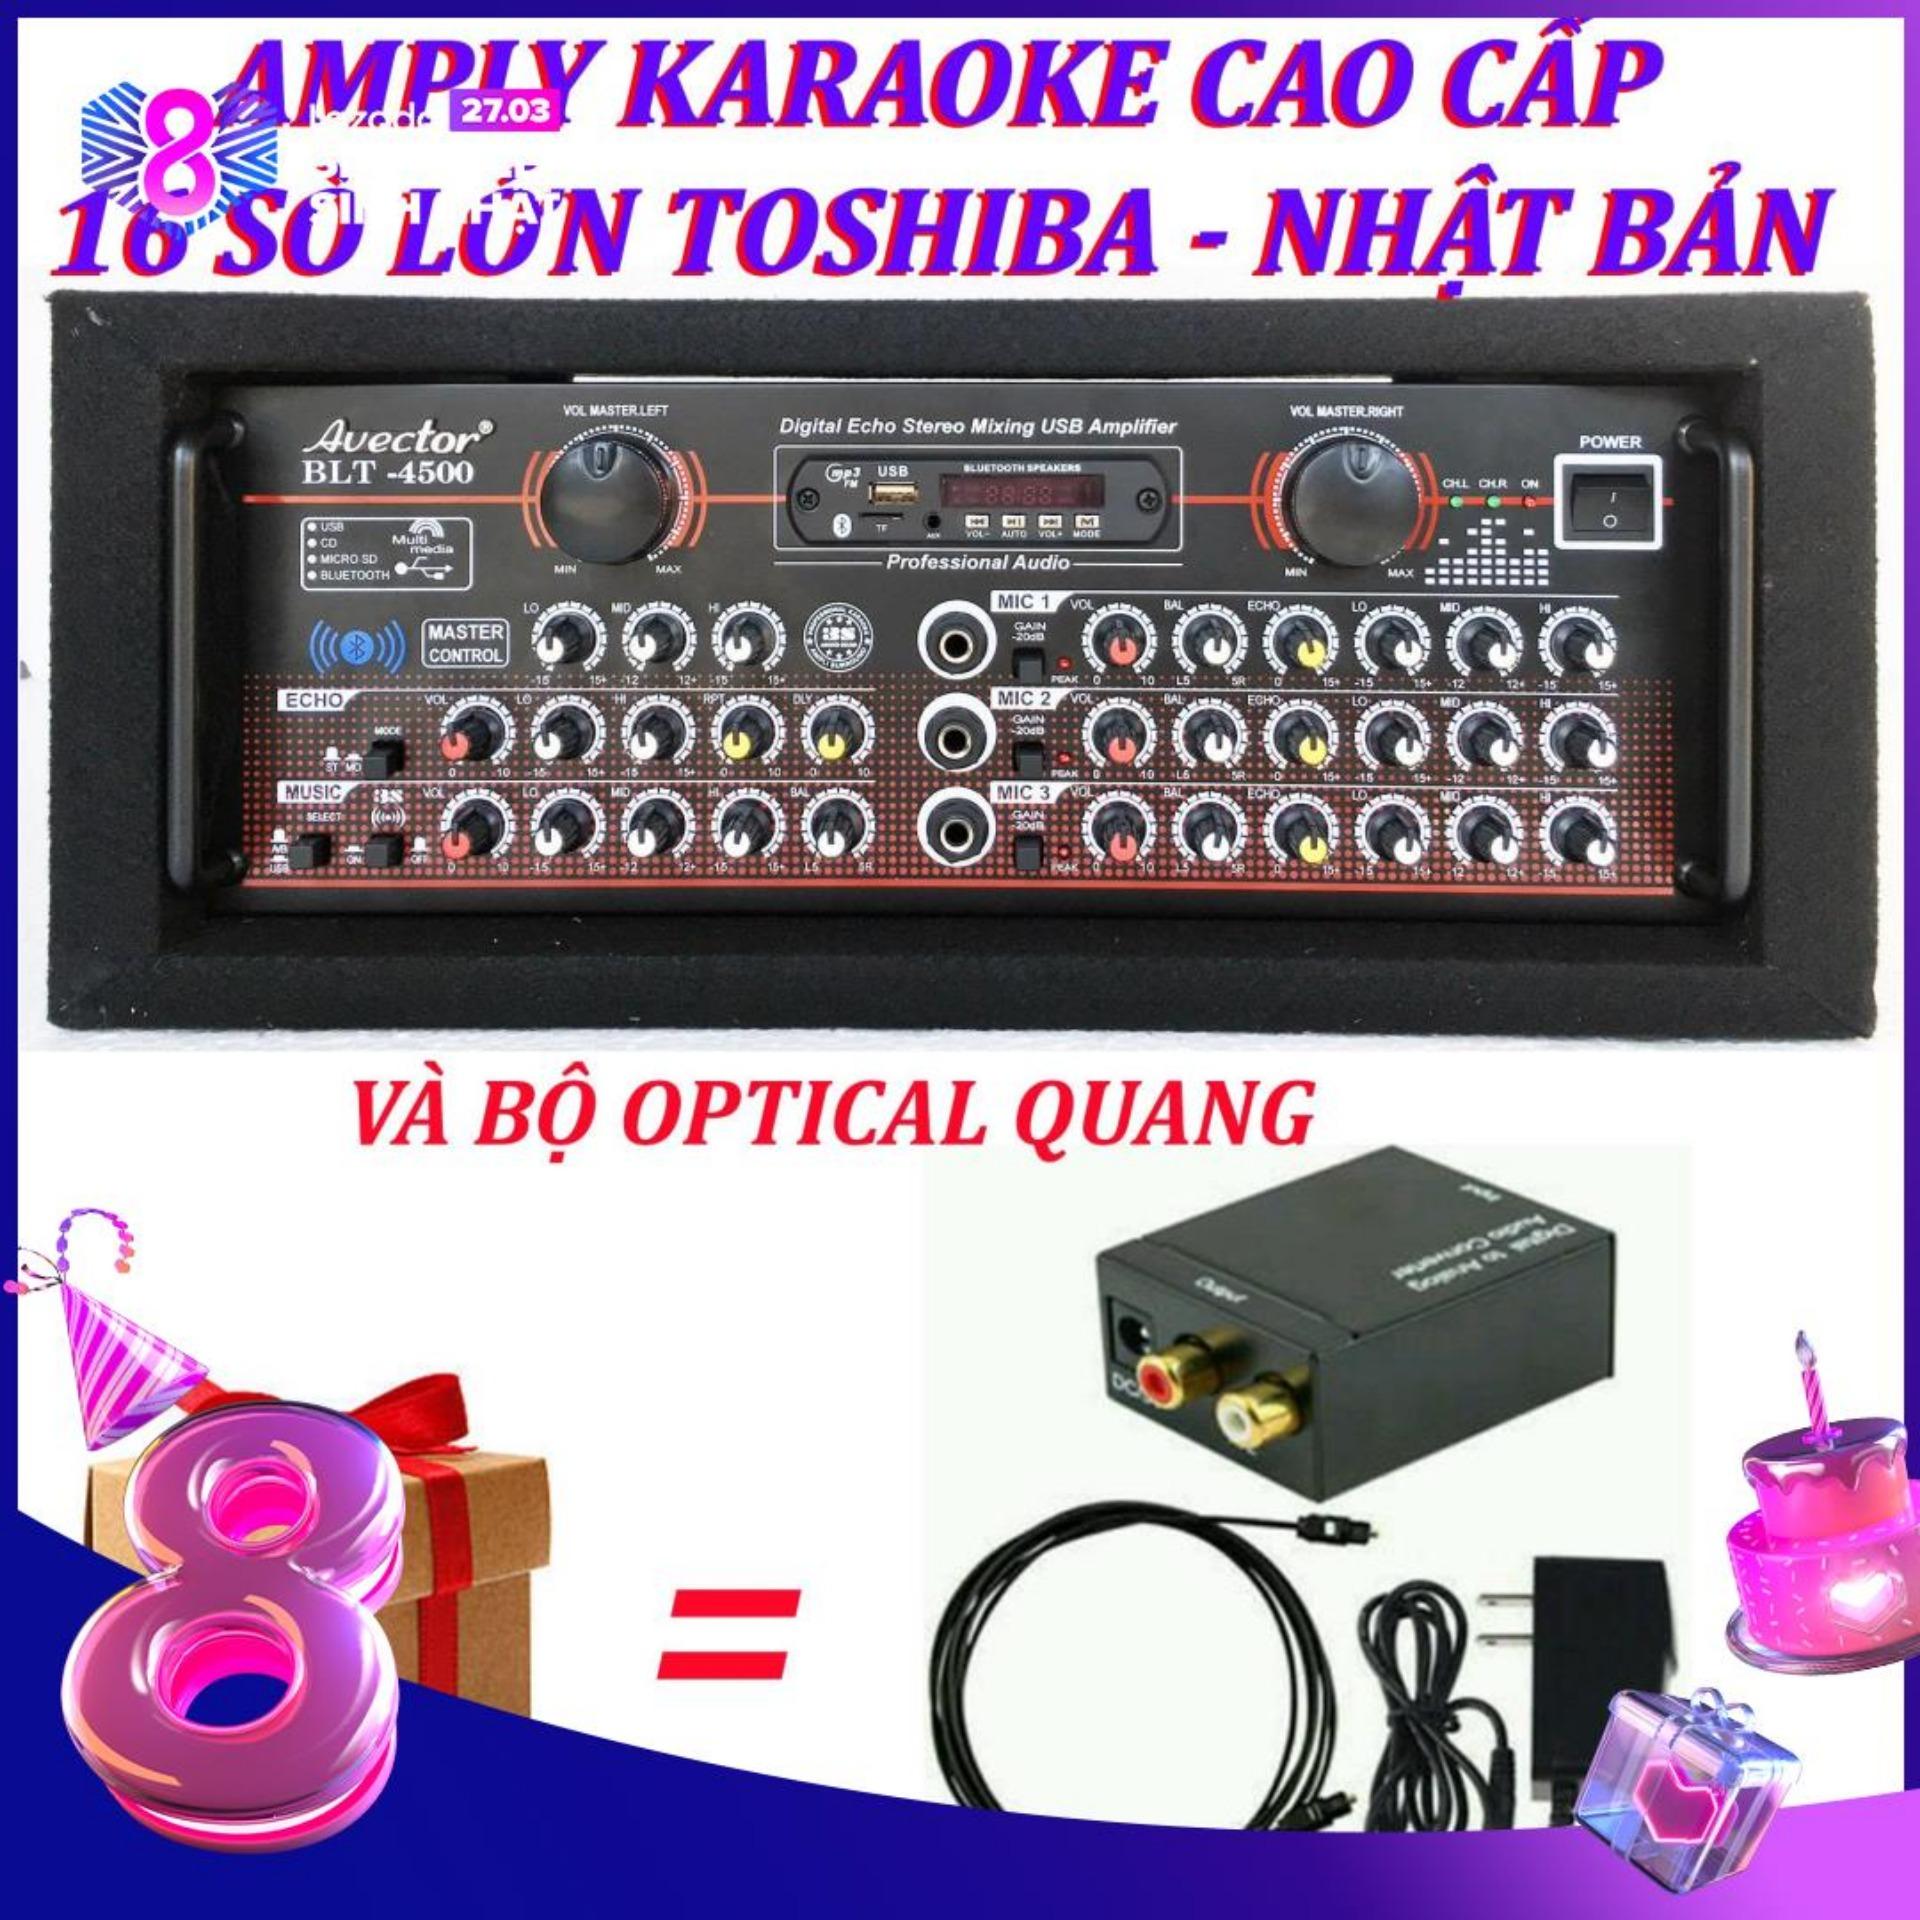 Amply karaoke ampli bluetooth amply nghe nhac amply karaoke hay cao cấp avector 4500 VÀ bộ optical quang